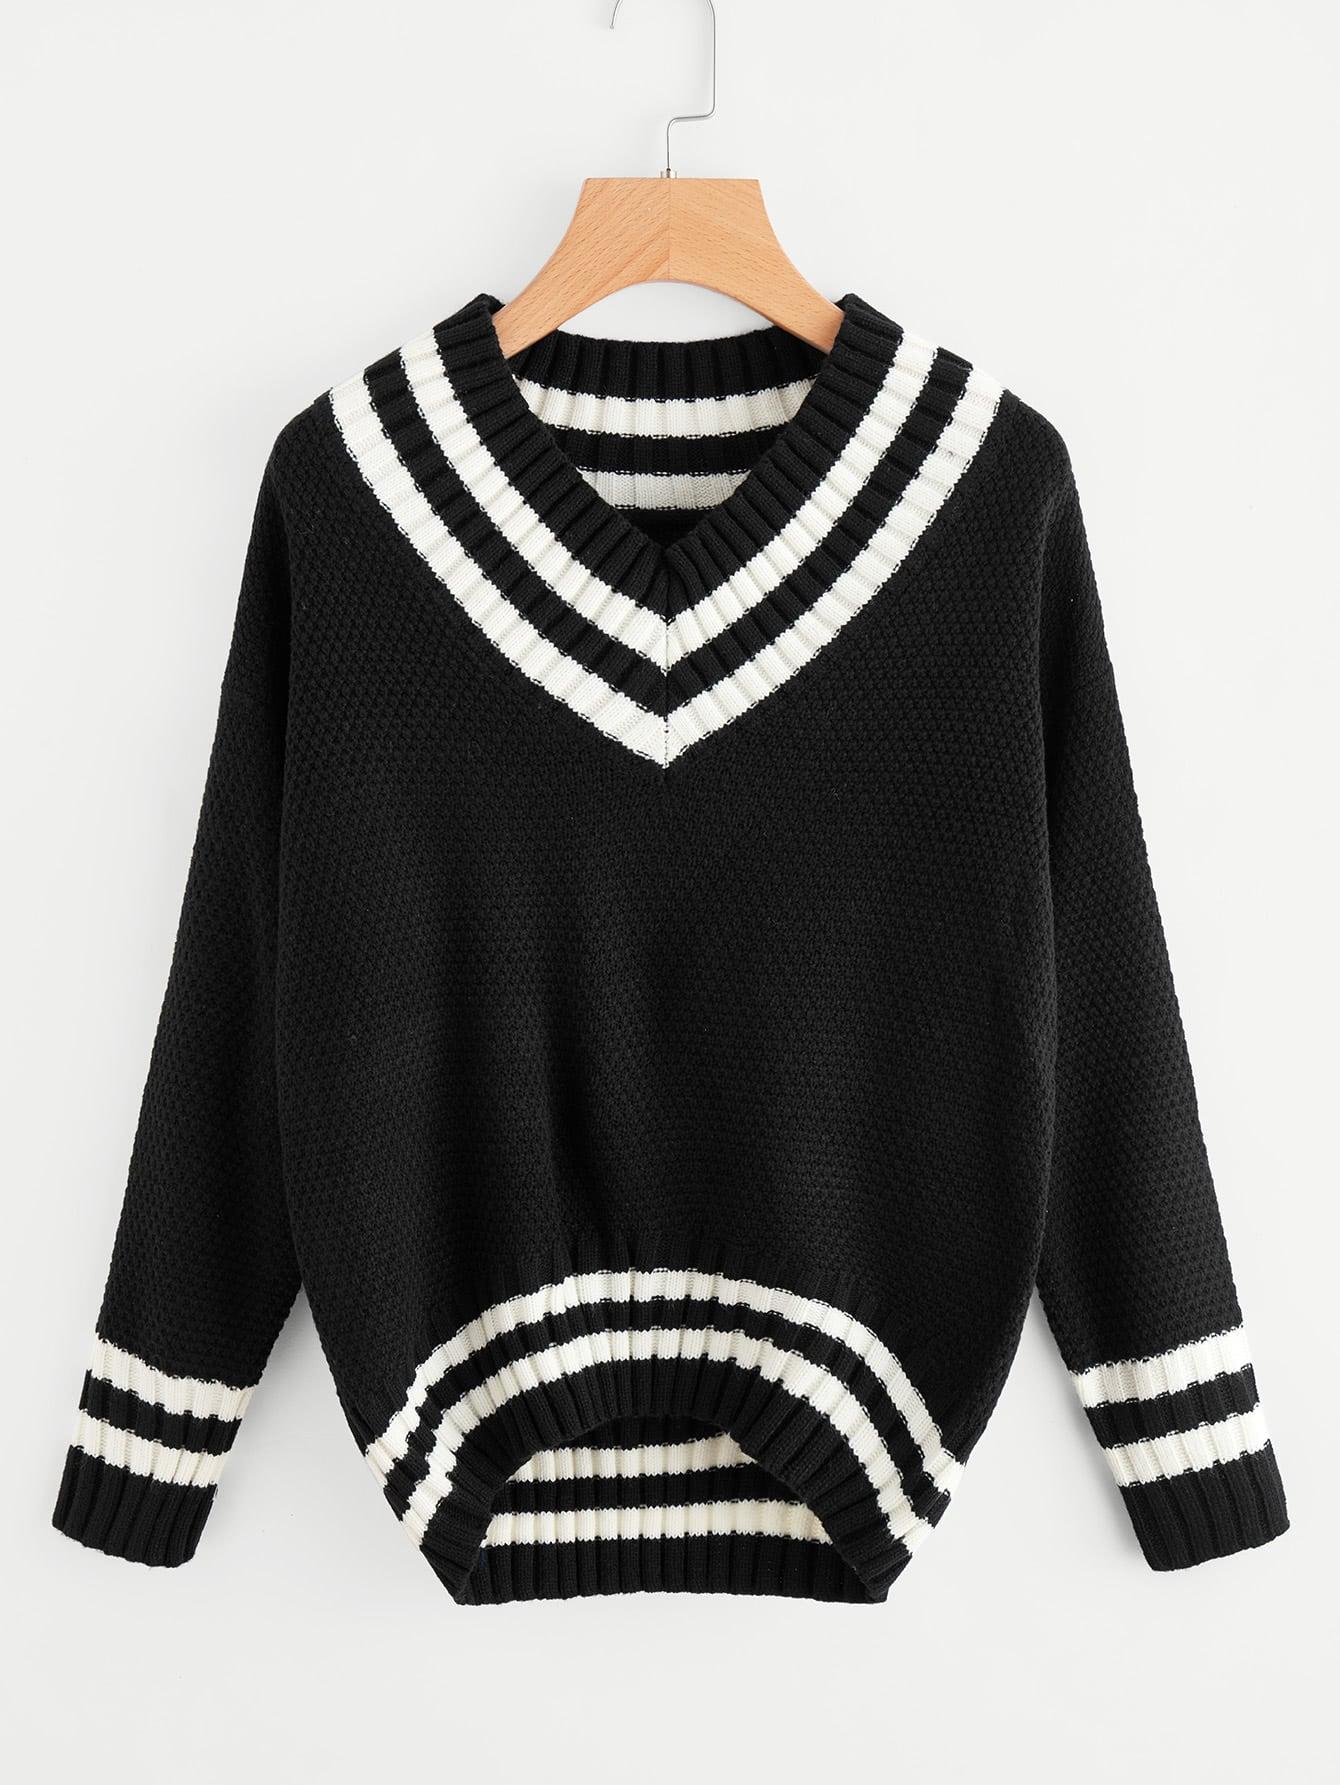 V-neckline Striped Trim Textured Jumper sweater170921104